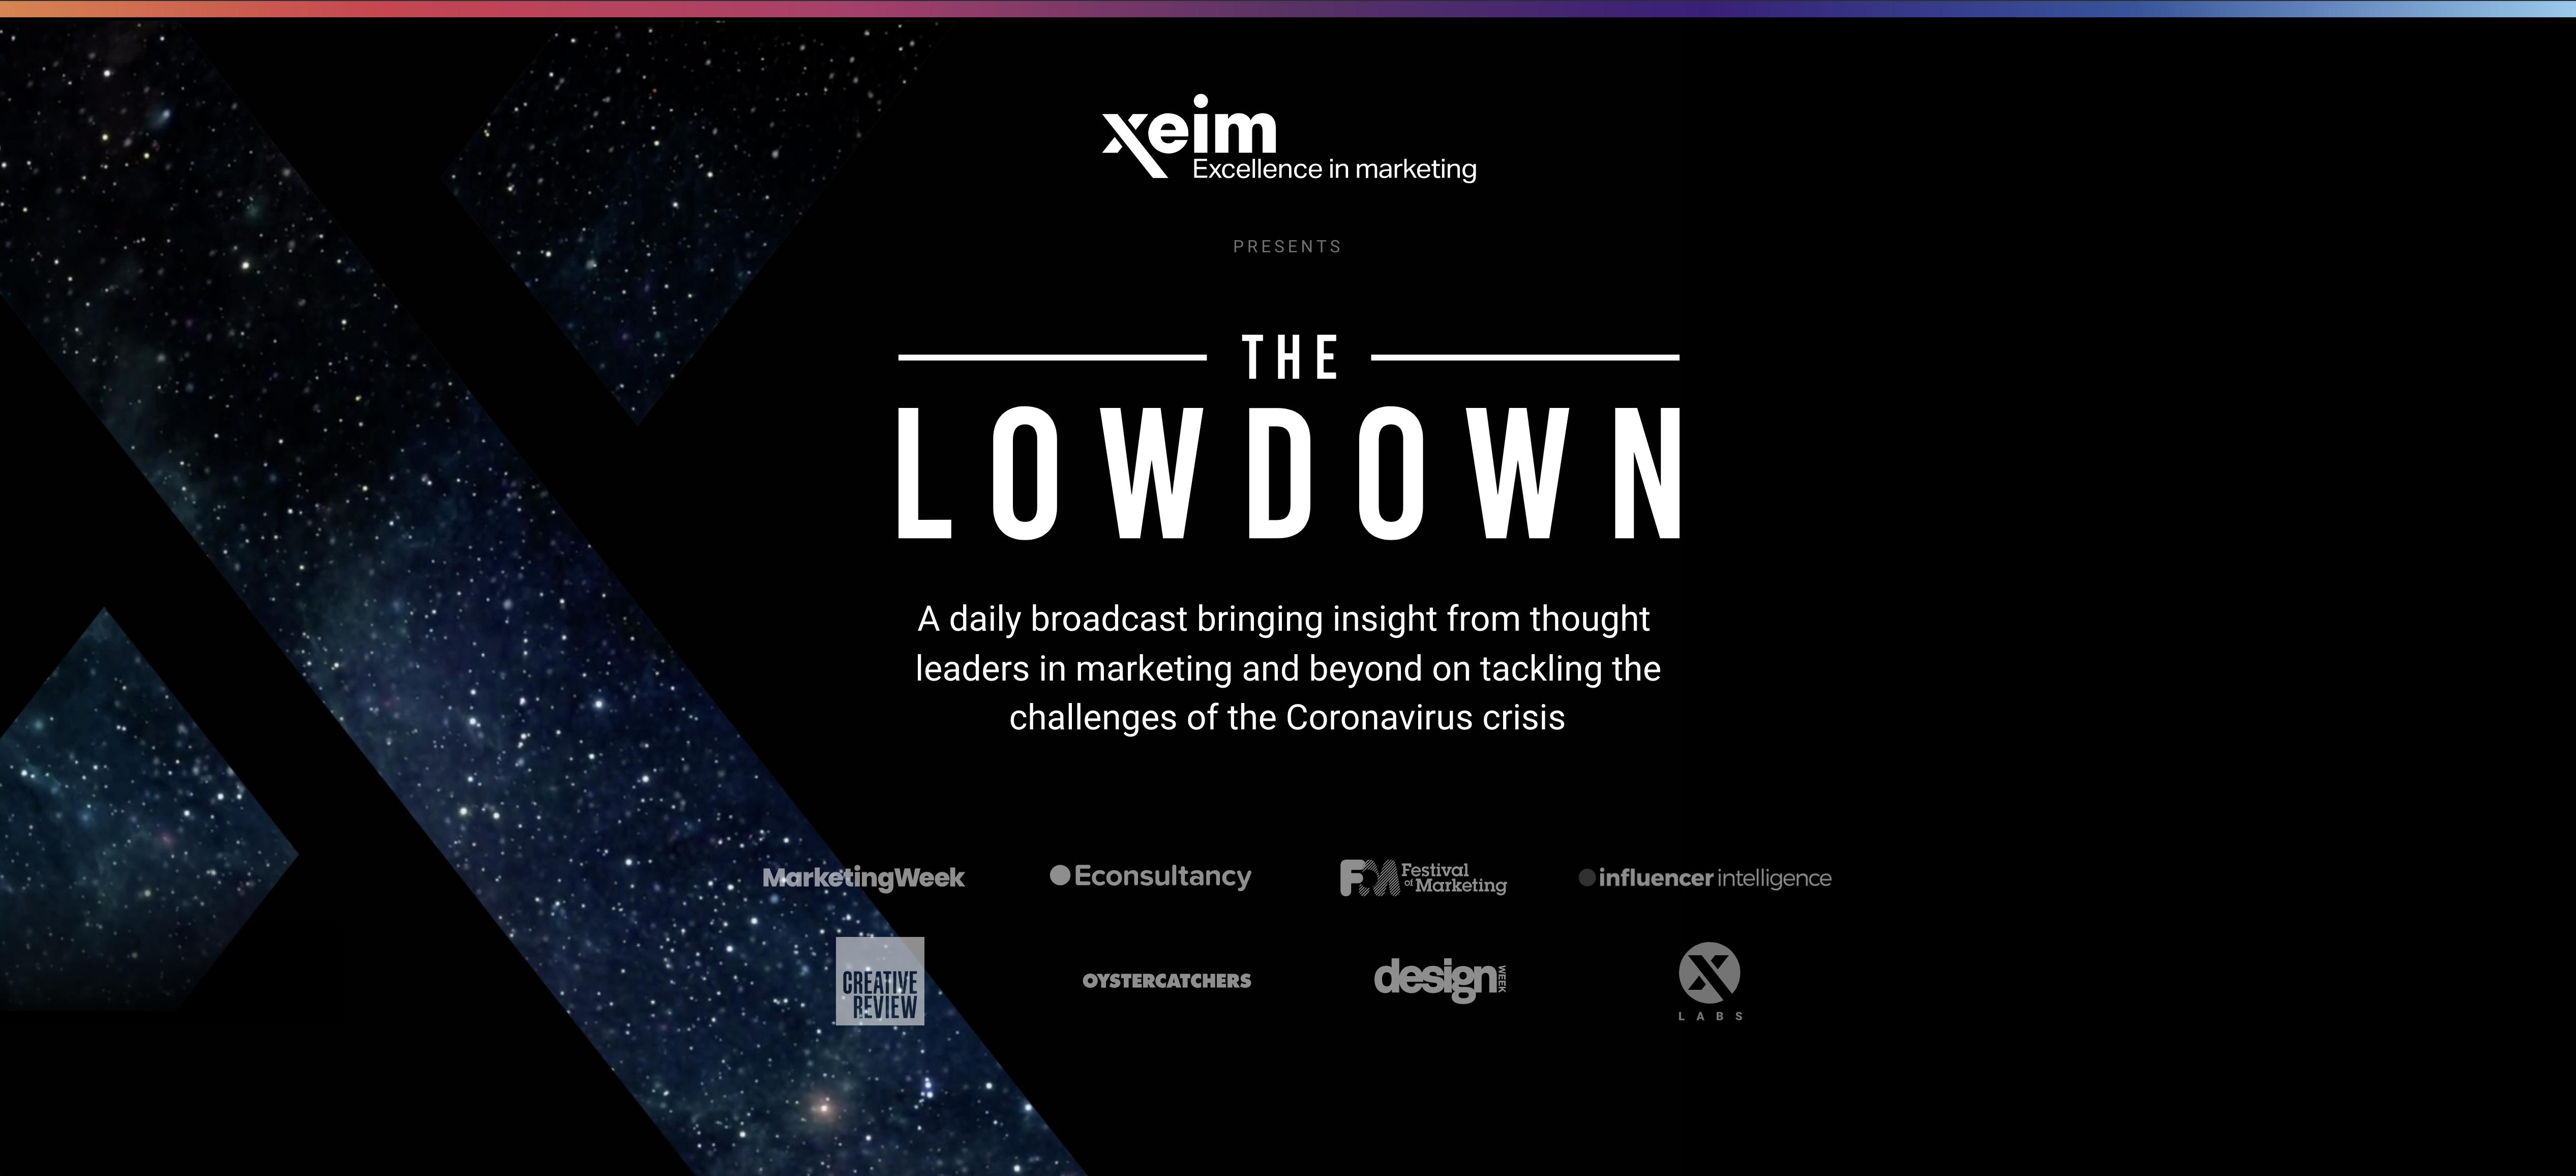 the lowdown on coronavirus and marketing